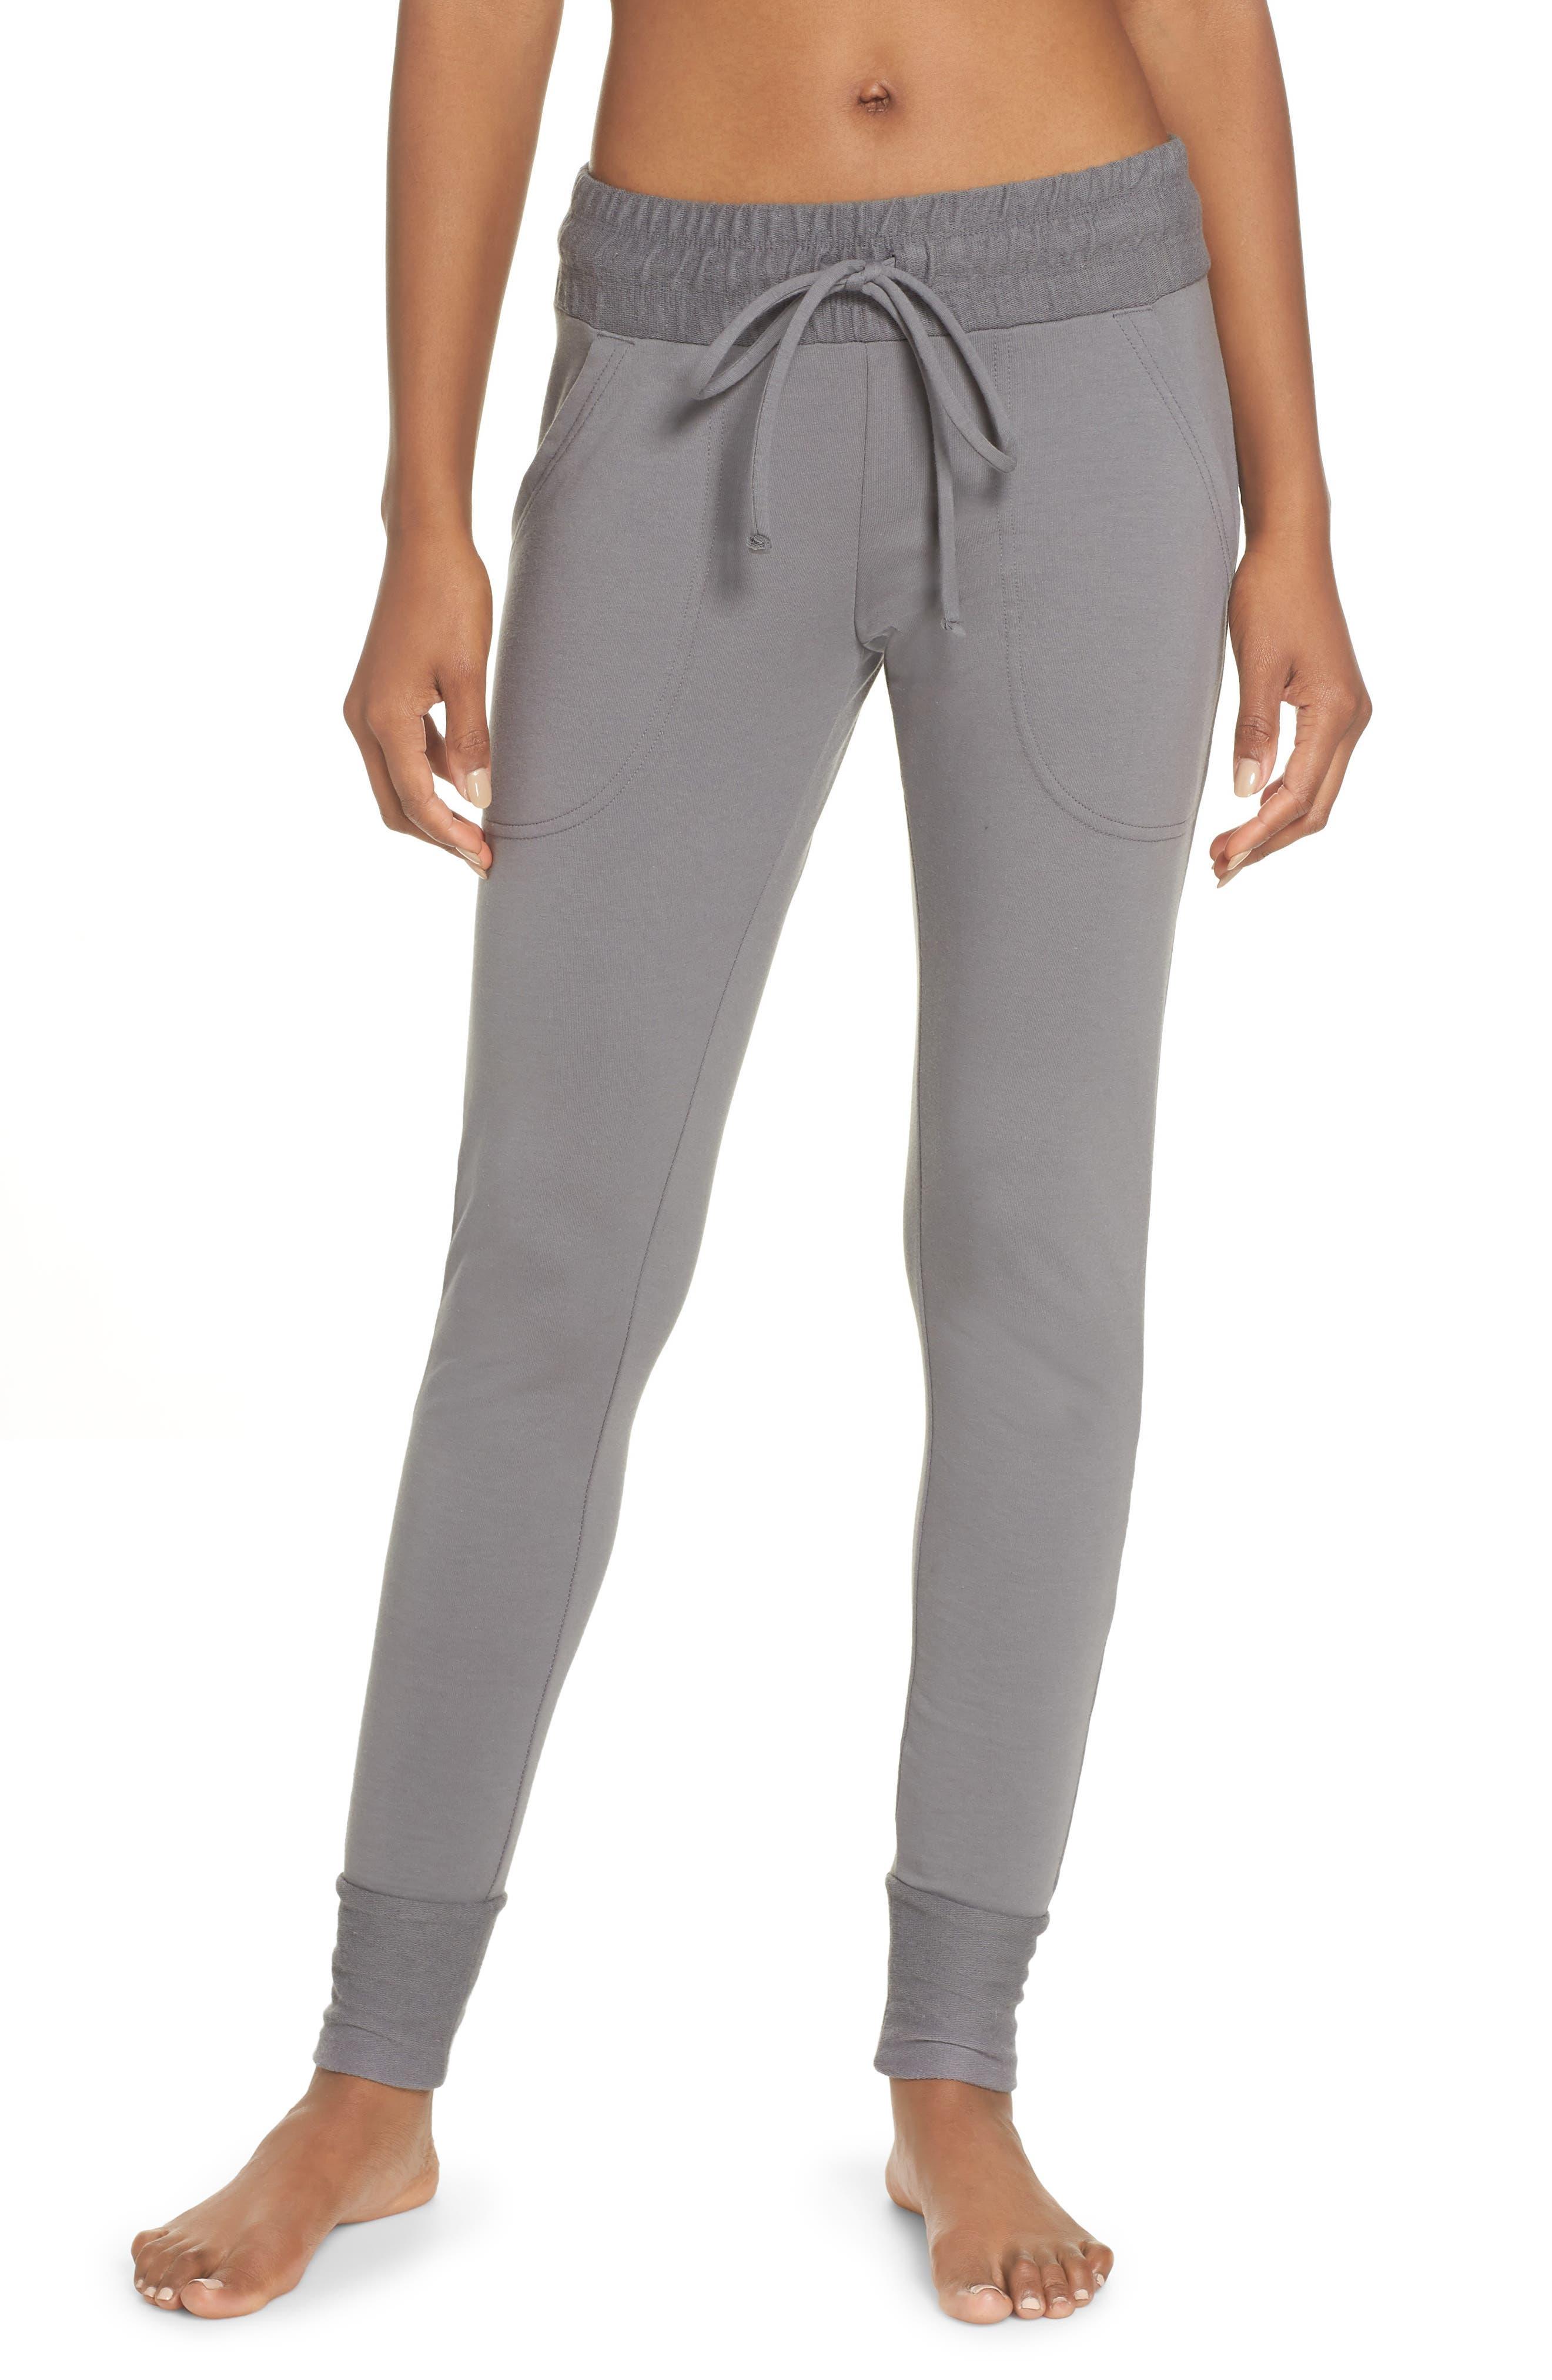 Sunny Skinny Sweatpants,                         Main,                         color, Dark Grey